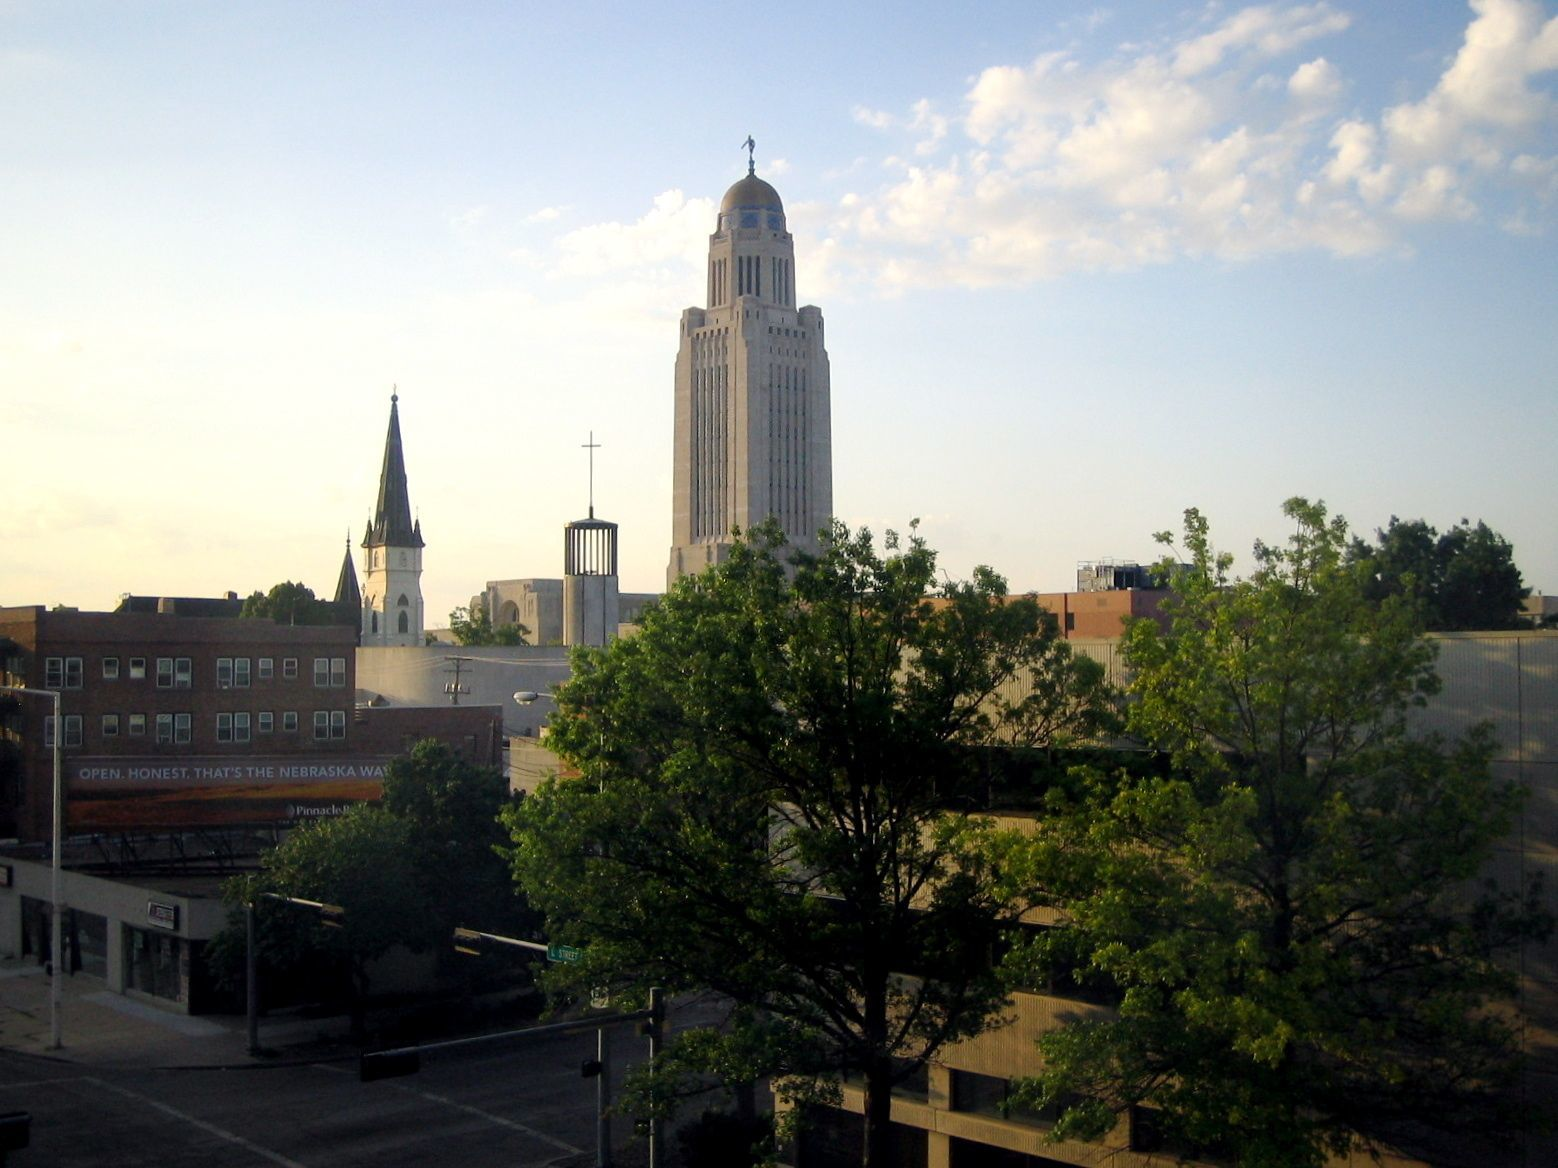 Lincoln Nebraska, State Capital